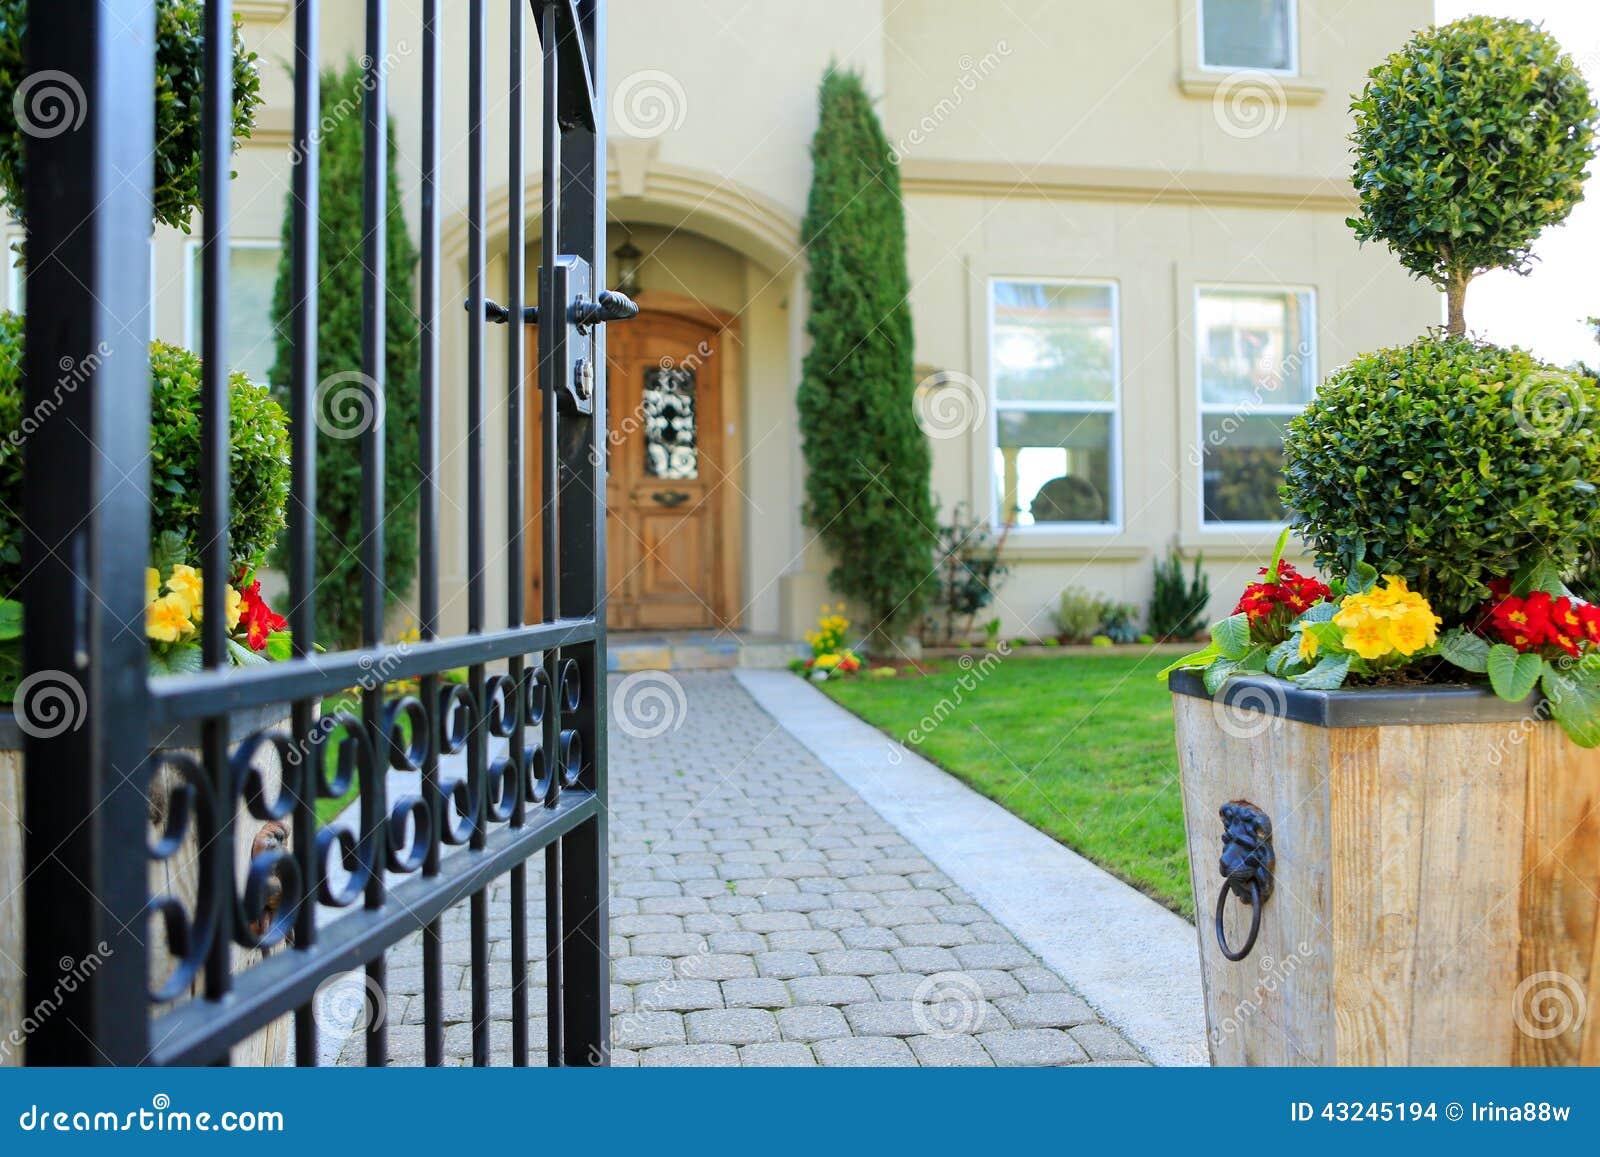 Puerta del hierro labrado de la entrada a la casa de lujo for Puertas de hierro forjado para casas